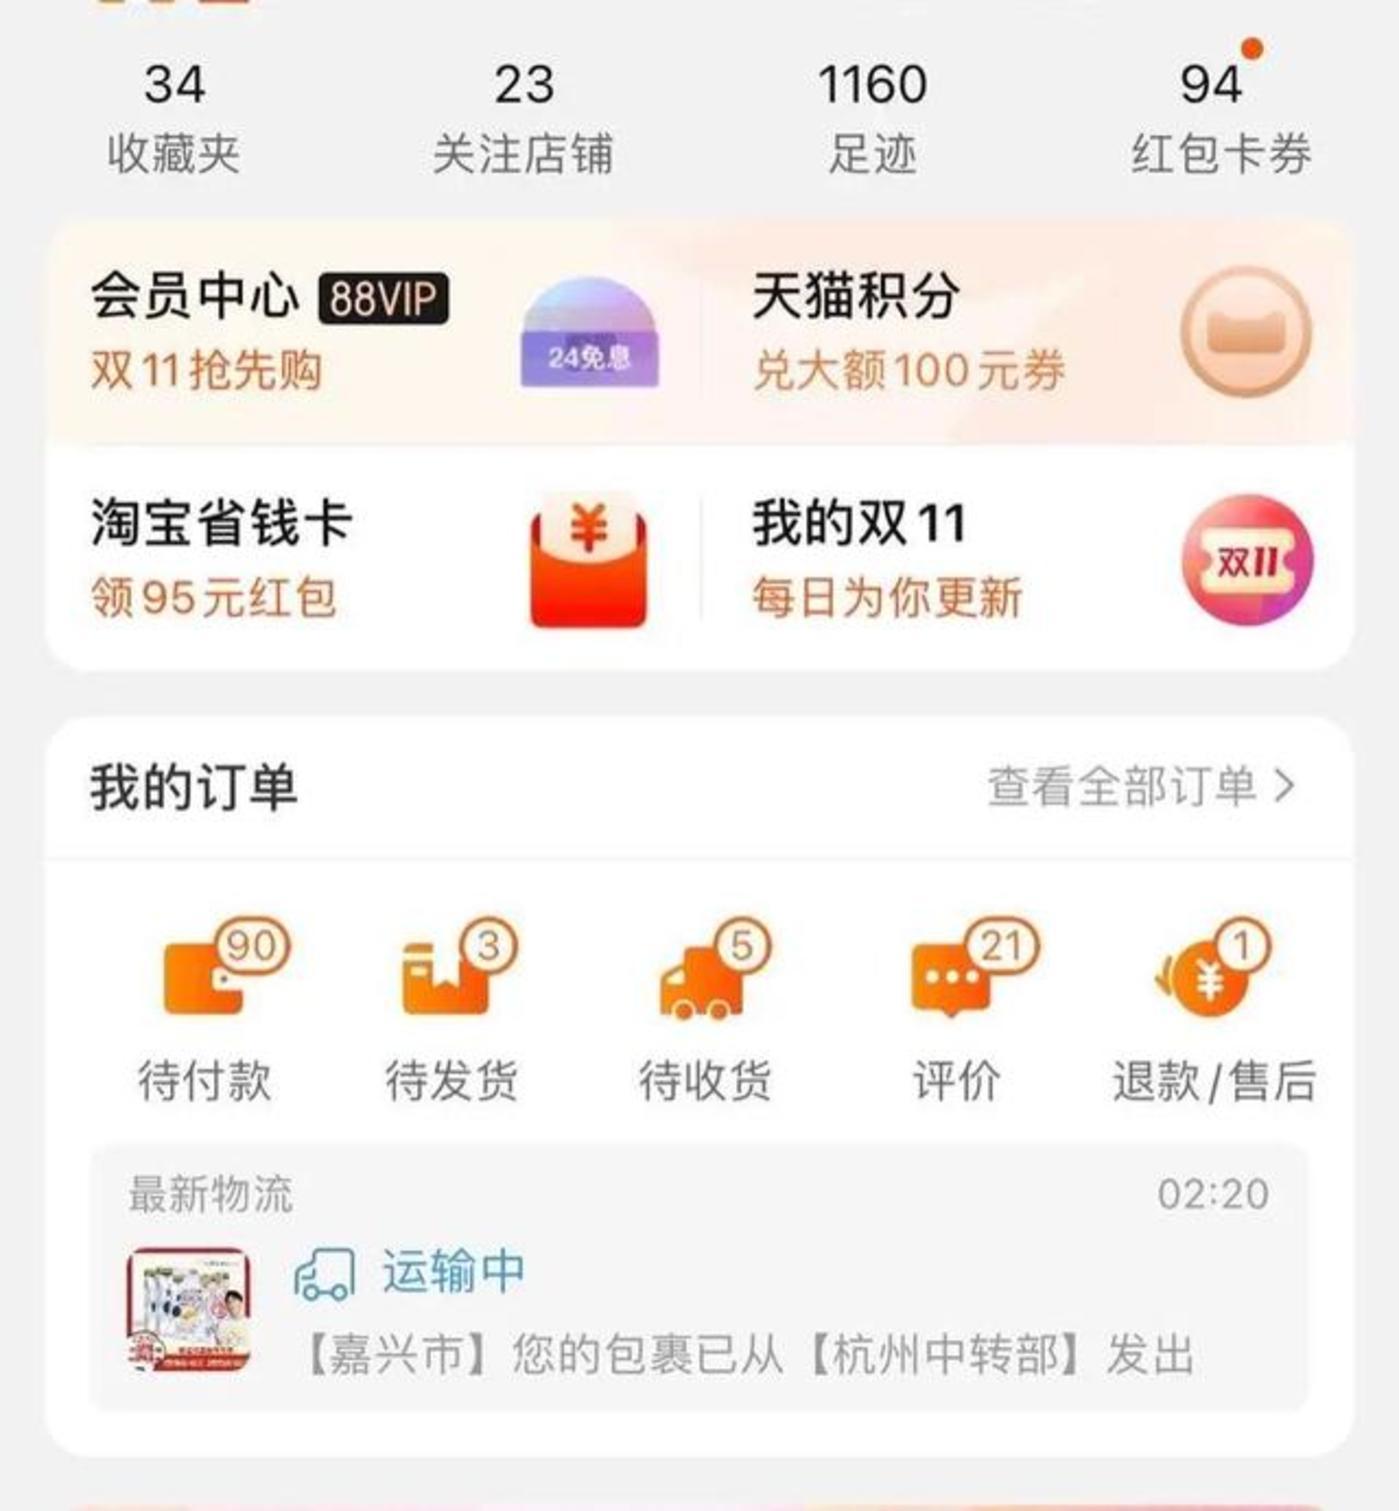 杨帆的淘宝订单截图 / 受访者供图